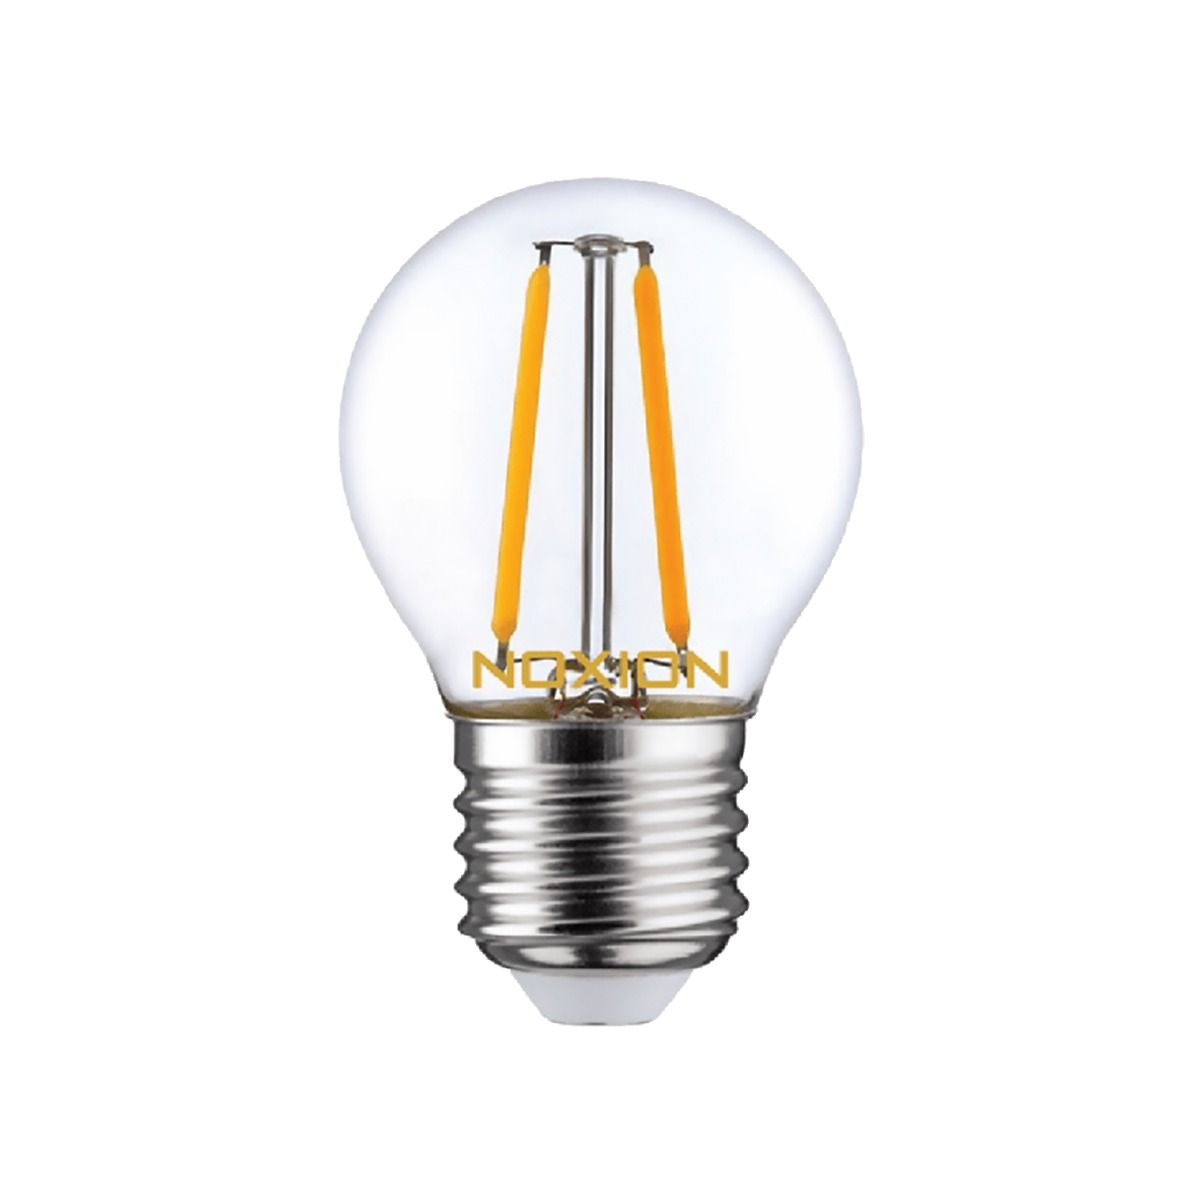 Noxion Lucent LED Lustre E27 2.6W 827 Fadenlampe   Ersatz für 25W